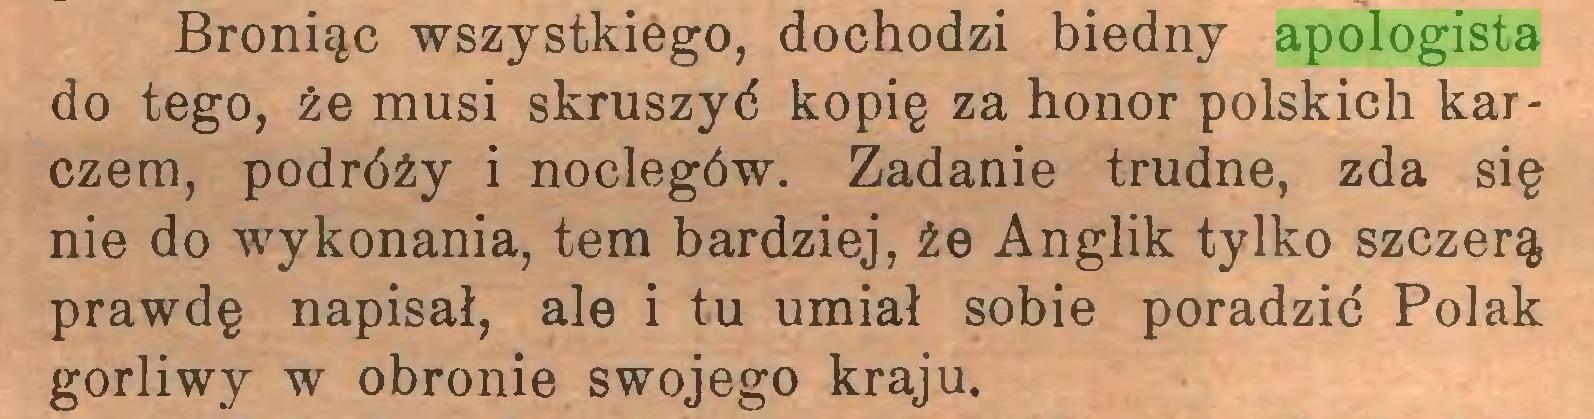 (...) Broniąc wszystkiego, dochodzi biedny apologista do tego, że musi skruszyć kopię za honor polskich karczem, podróży i noclegów. Zadanie trudne, zda się nie do wykonania, tem bardziej, że Anglik tylko szczerą prawdę napisał, ale i tu umiał sobie poradzić Polak gorliwy w obronie swojego kraju...